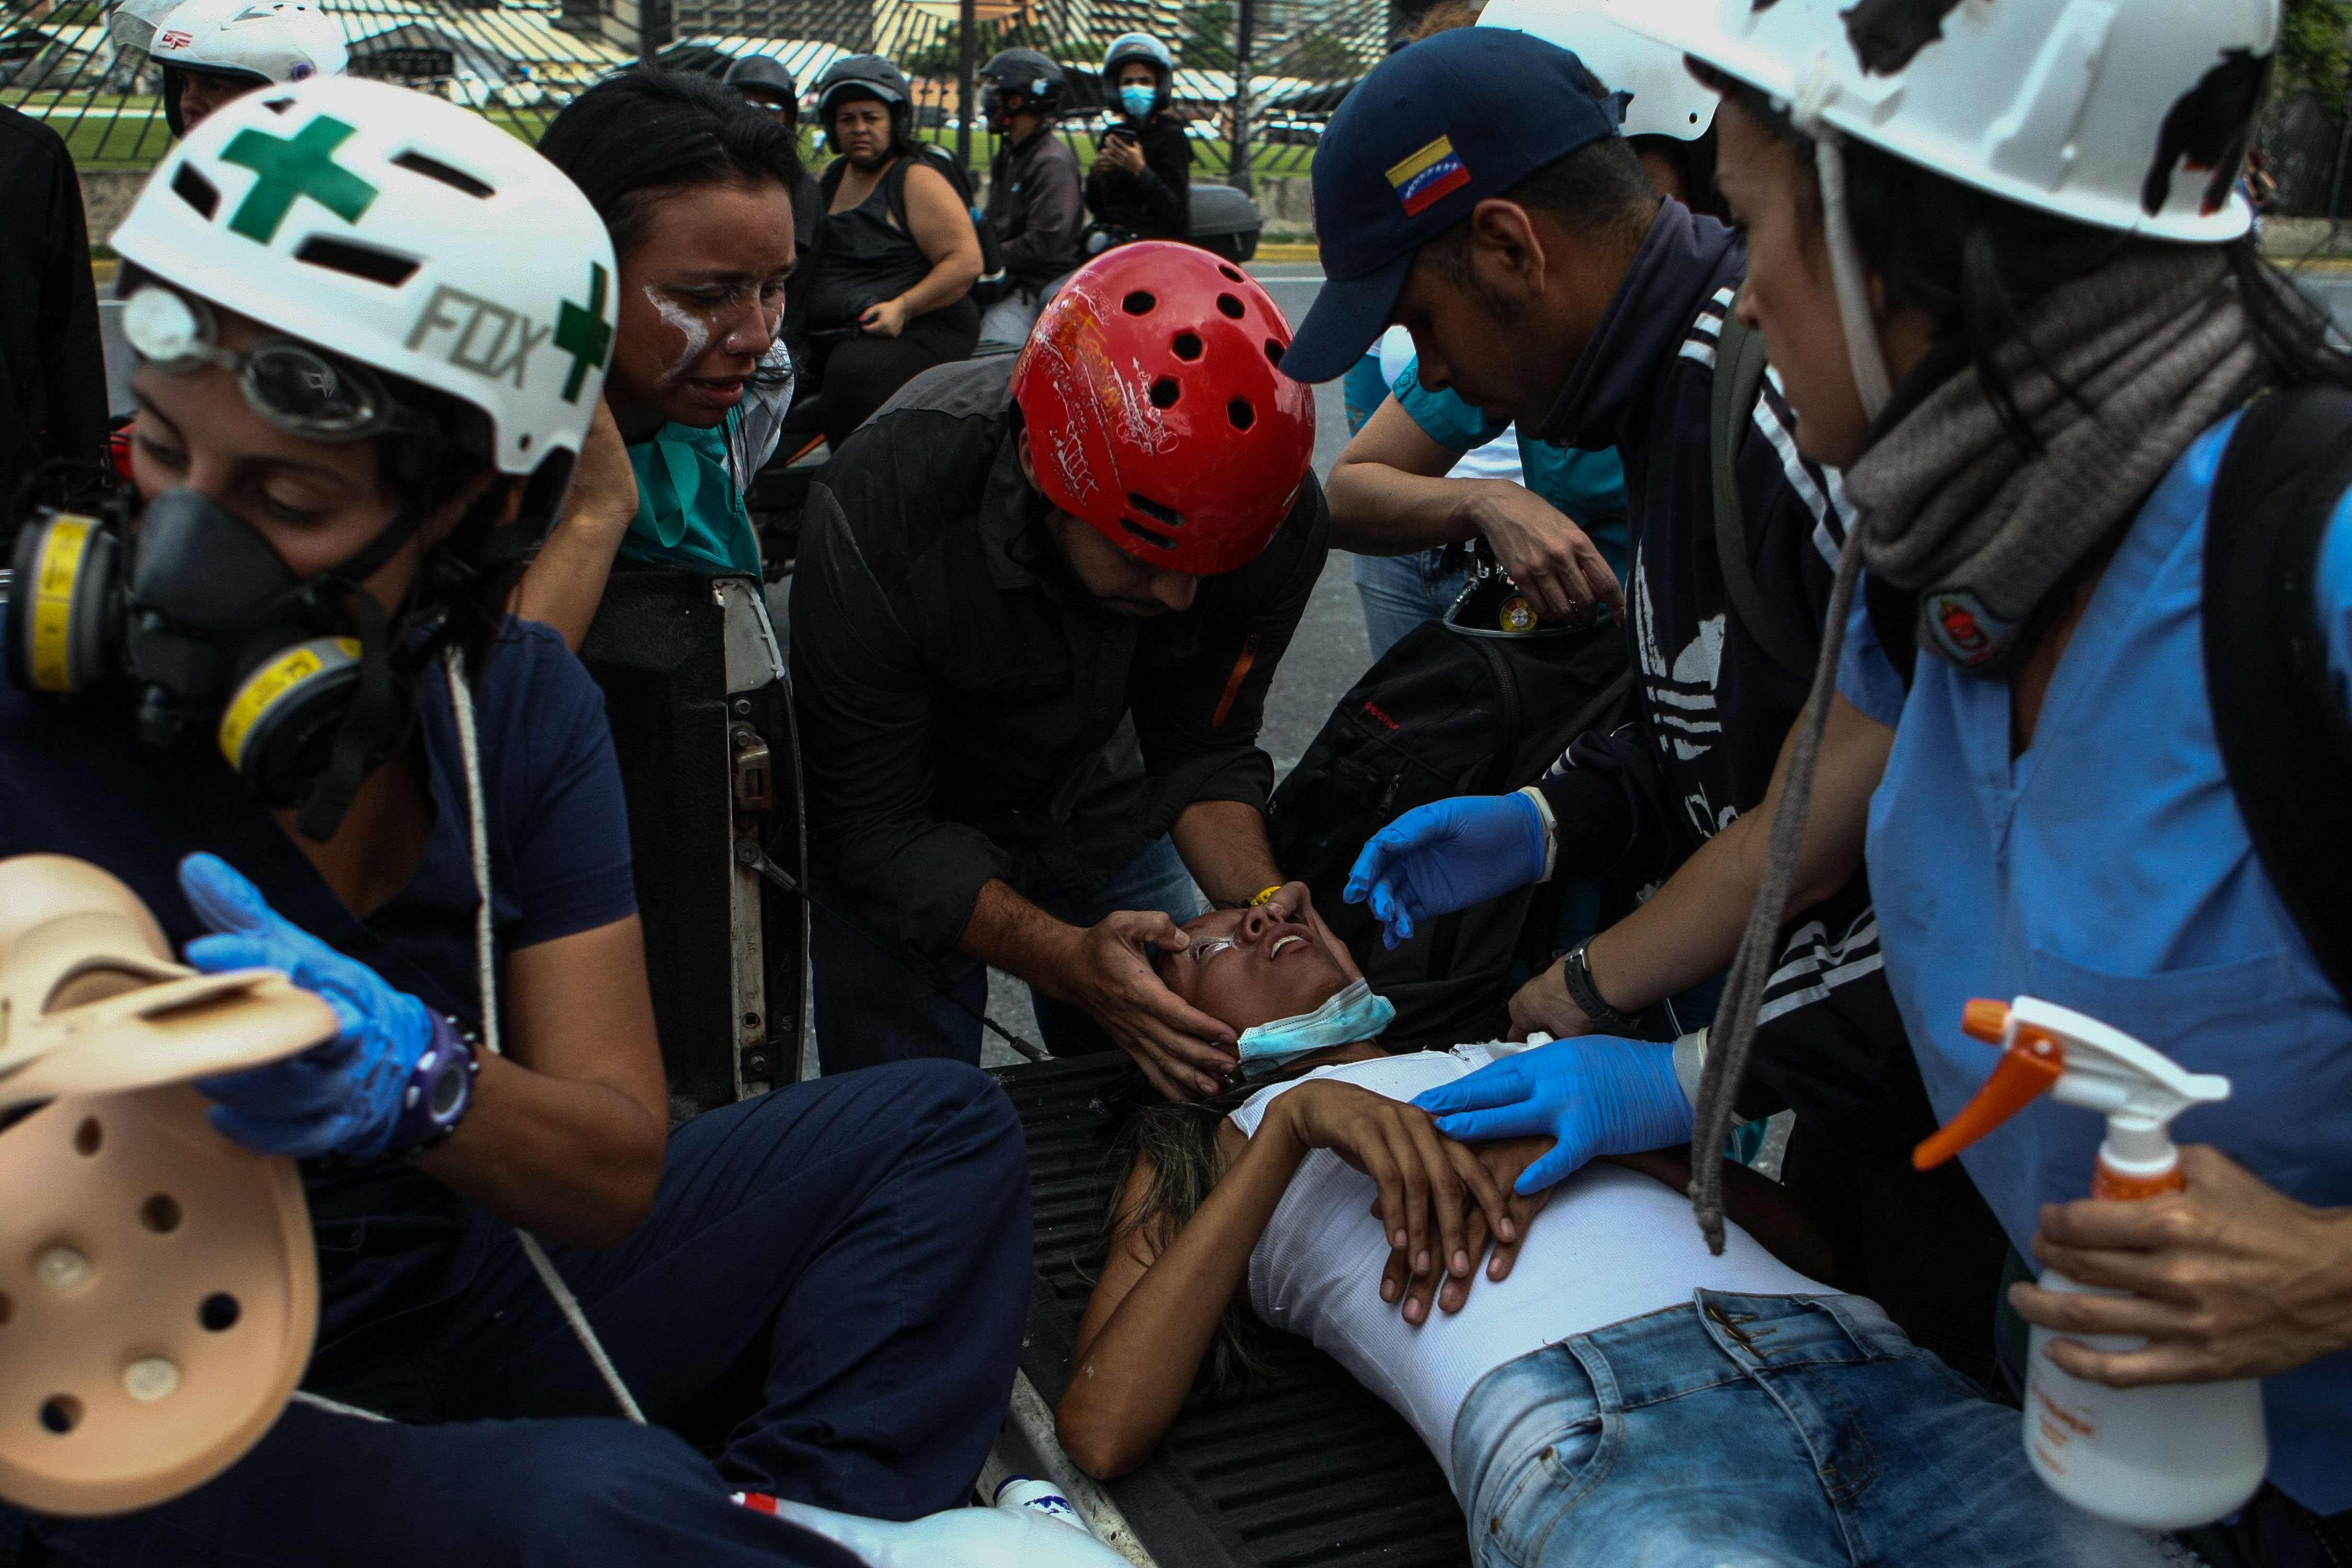 VEN053. CARACAS (VENEZUELA), 24/05/2017-. Una manifestante desmayada por los gases lacrimógenos es auxiliada por rescatistas hoy, miércoles 24 de mayo de 2017, durante una protesta contra el Gobierno en Caracas (Venezuela). Una manifestación convocada por la oposición venezolana en Caracas terminó hoy con 62 lesionados, entre ellos un diputado opositor y tres heridos por arma de fuego, informó el director de salud del municipio caraqueño Baruta, Enrique Montbrun. EFE/CRISTIAN HERNANDEZ